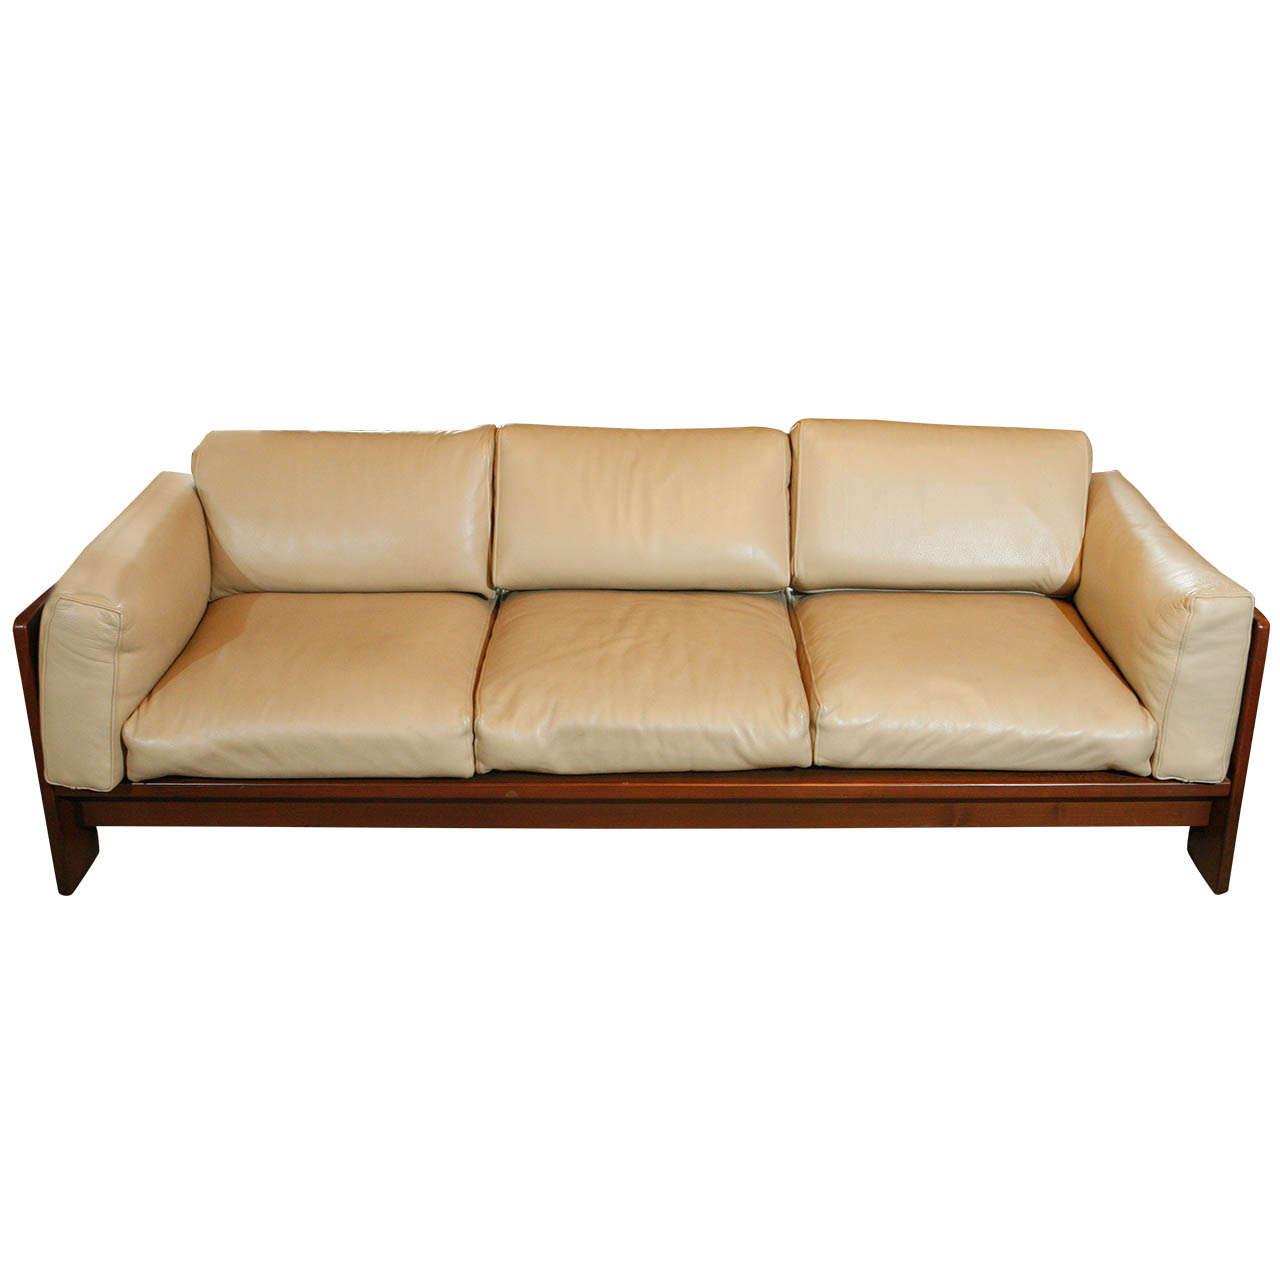 'Bastiano' Sofa by Tobia Scarpa